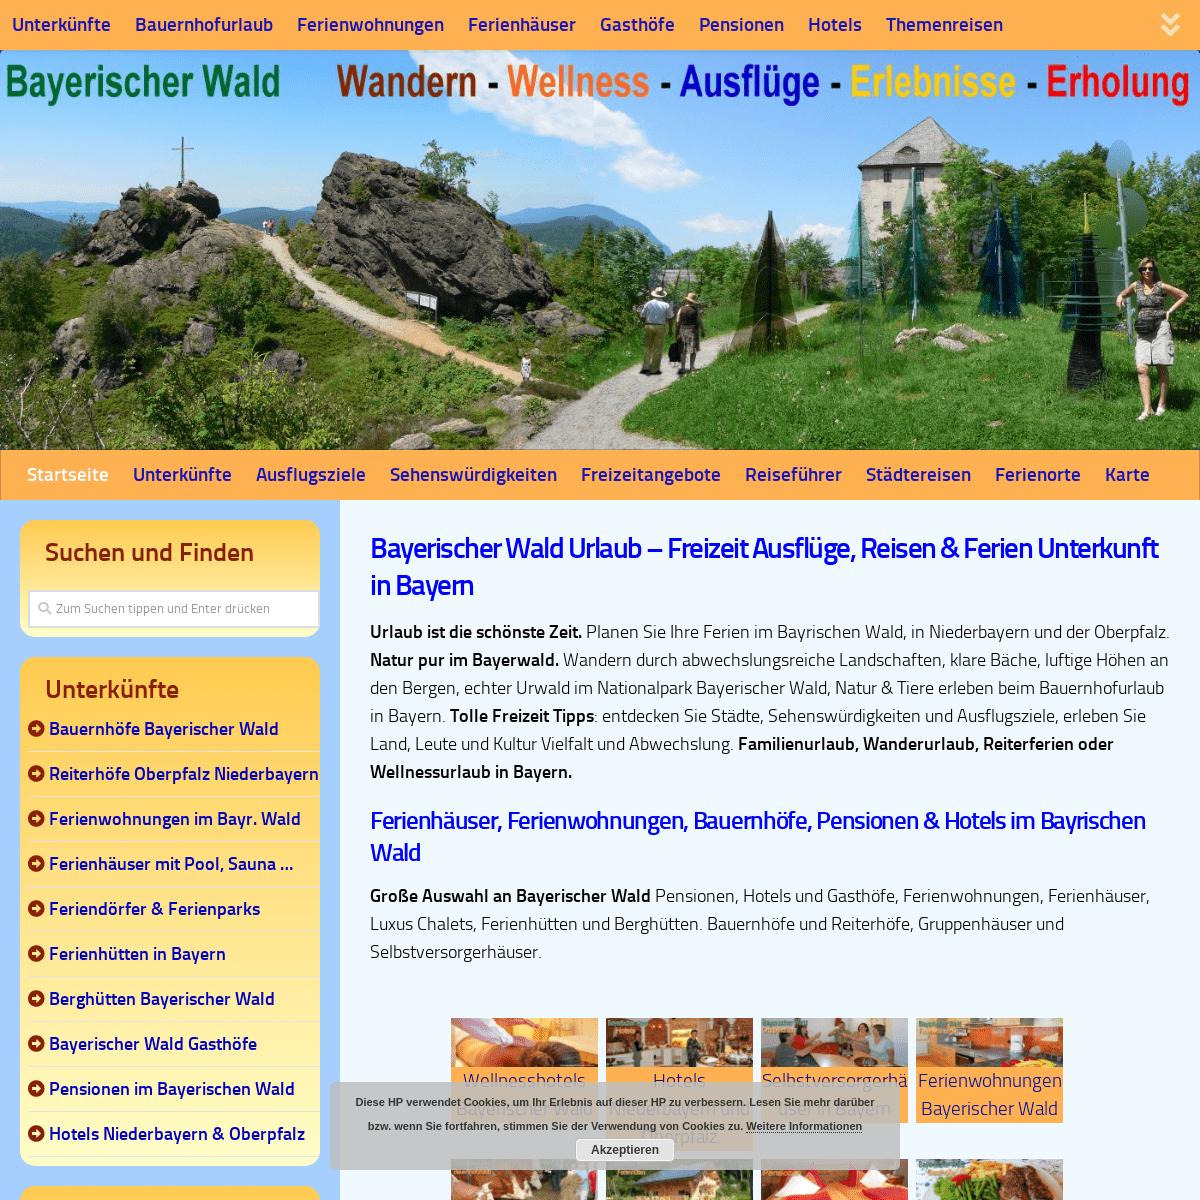 Bayerischer Wald Ferien Urlaub Ferienwohnung Bauernhof Bayern Hotel Pension